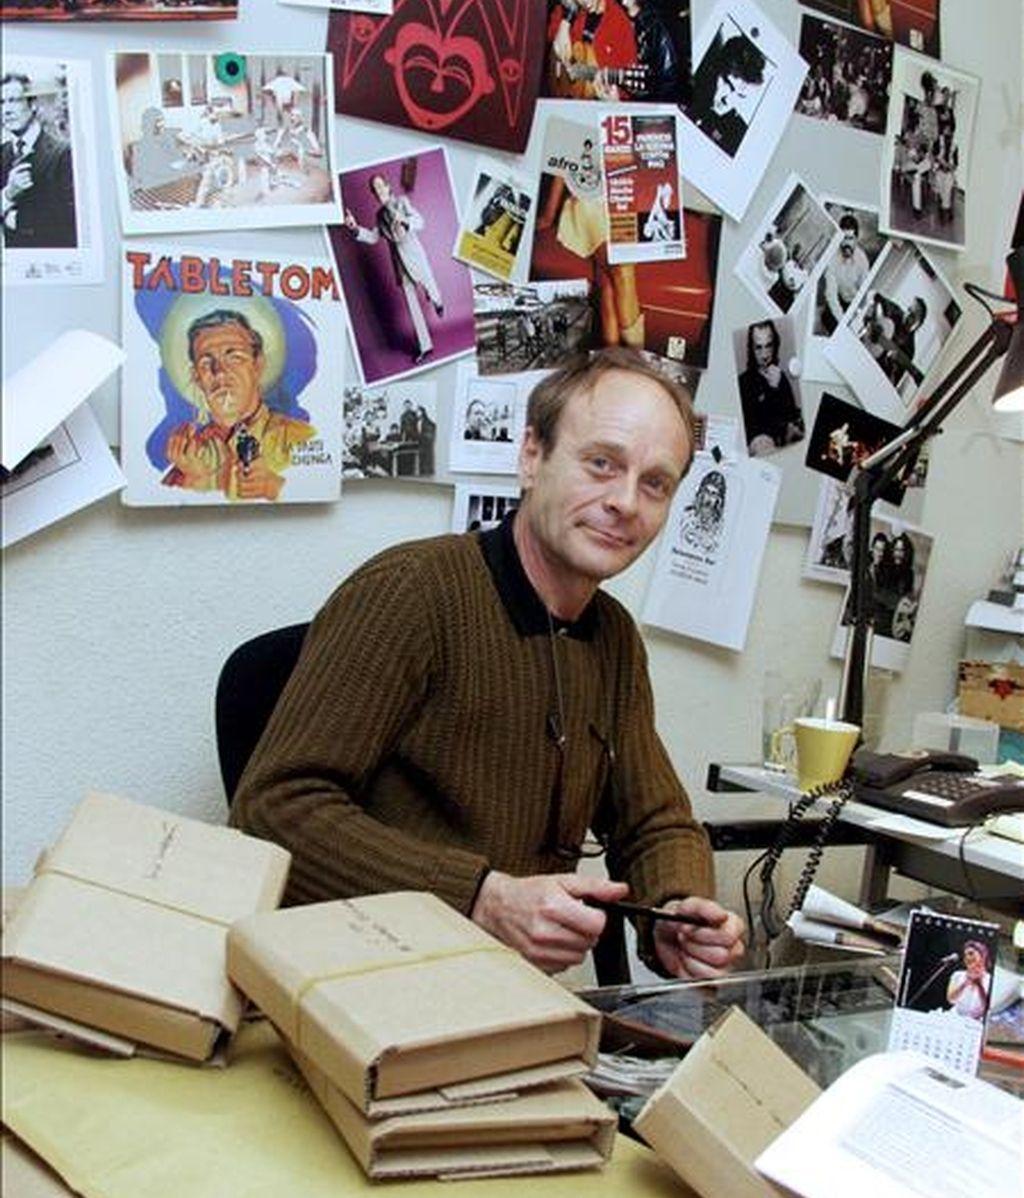 Fotografía facilitada por Nuevos Medios del productor musical Mario Pacheco, fundador de esa casa discográfica, que ha fallecido hoy en Madrid a los sesenta años después de padecer una larga enfermedad. EFE/